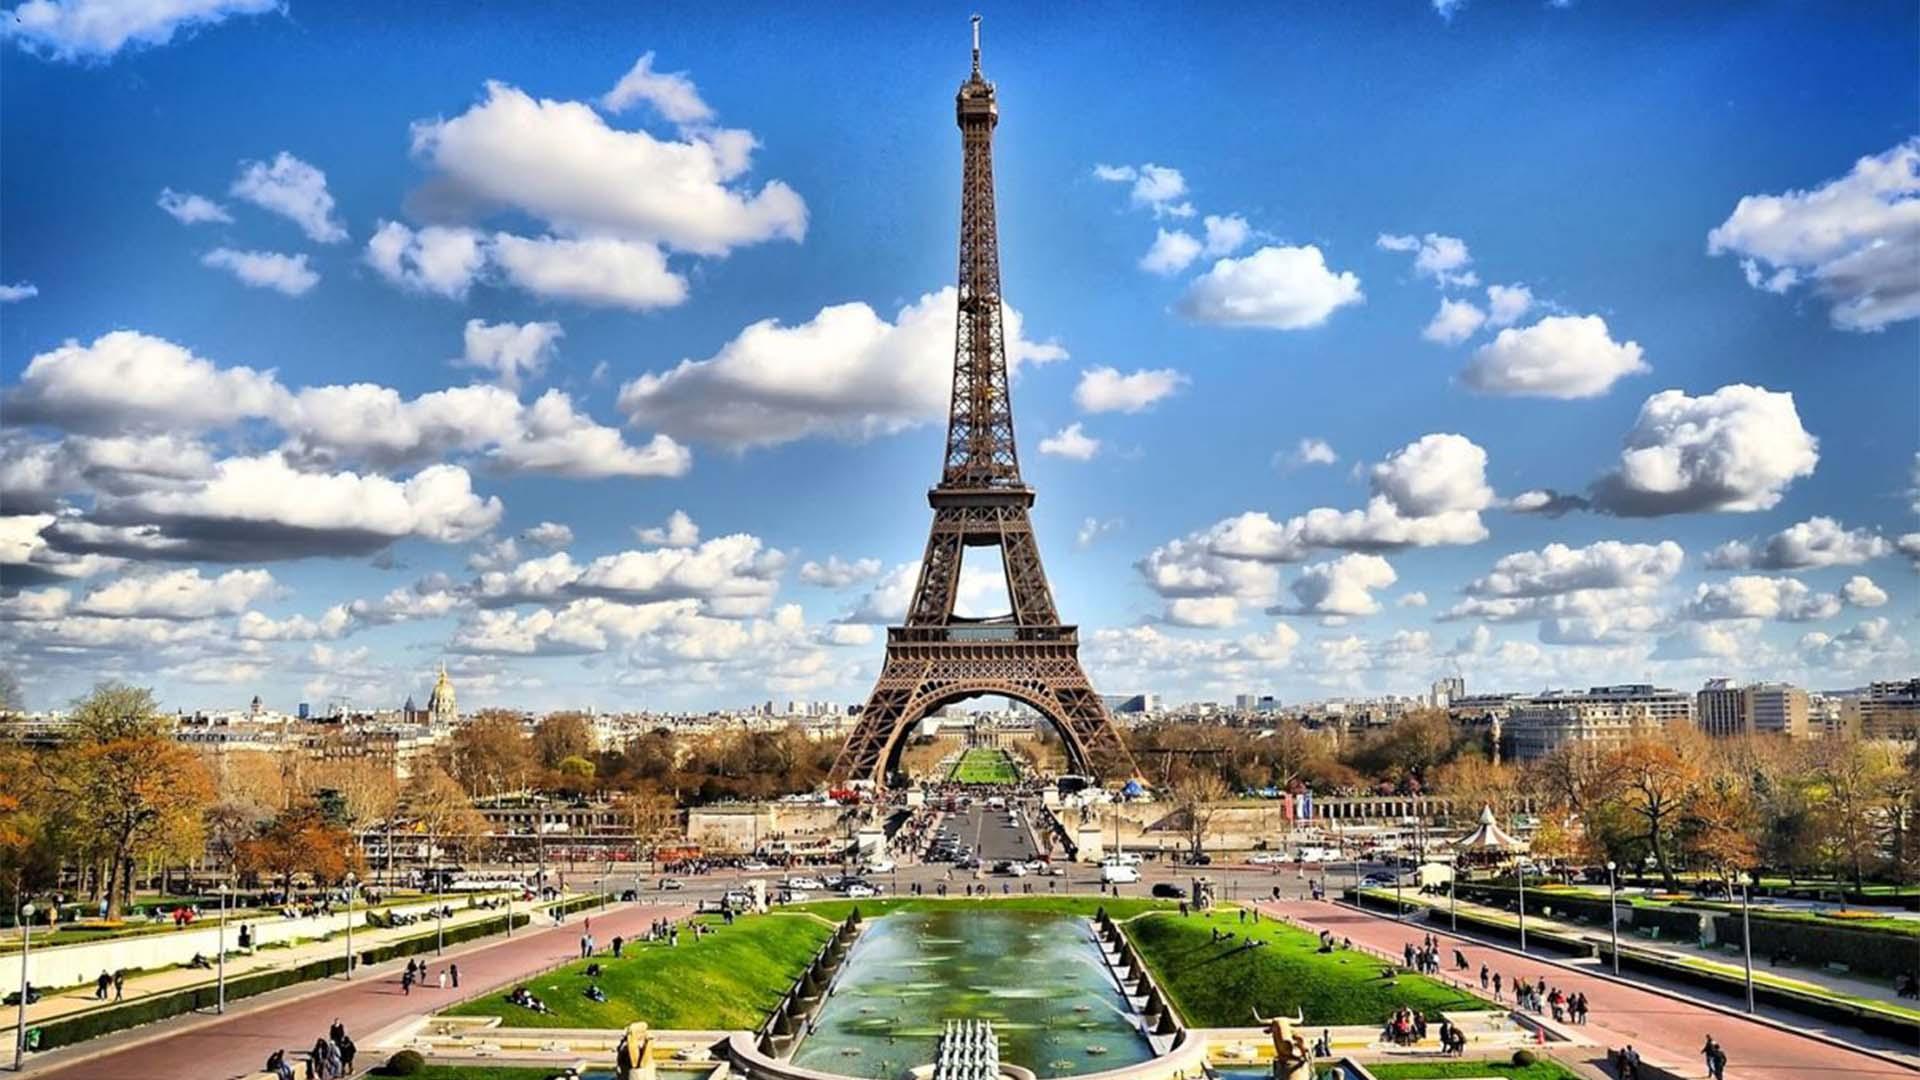 paris_thumnail_image